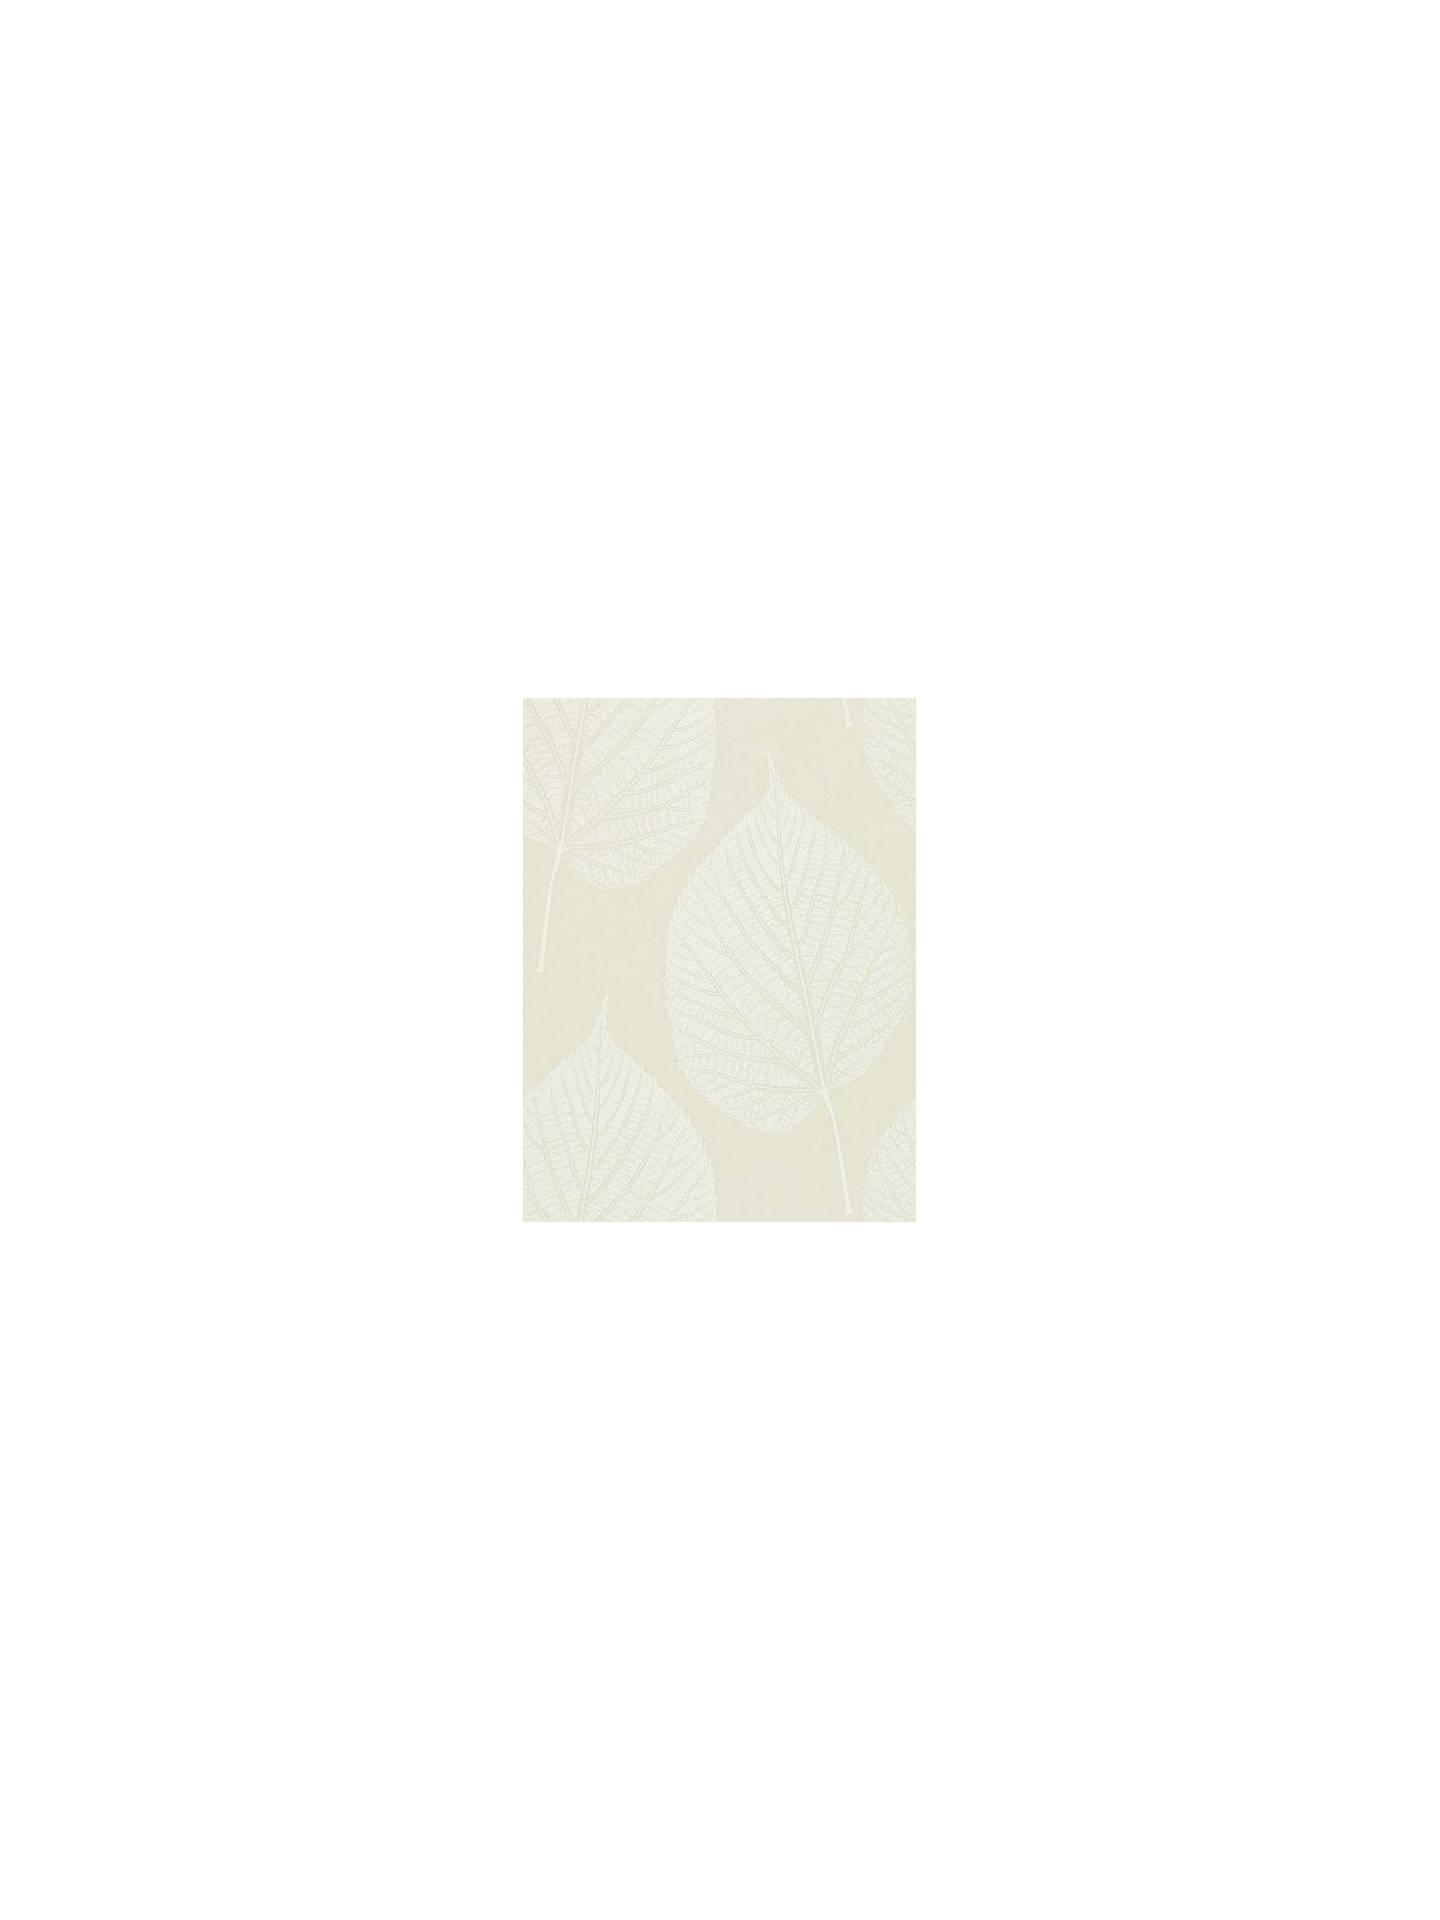 Harlequin Leaf Wallpaper 110369